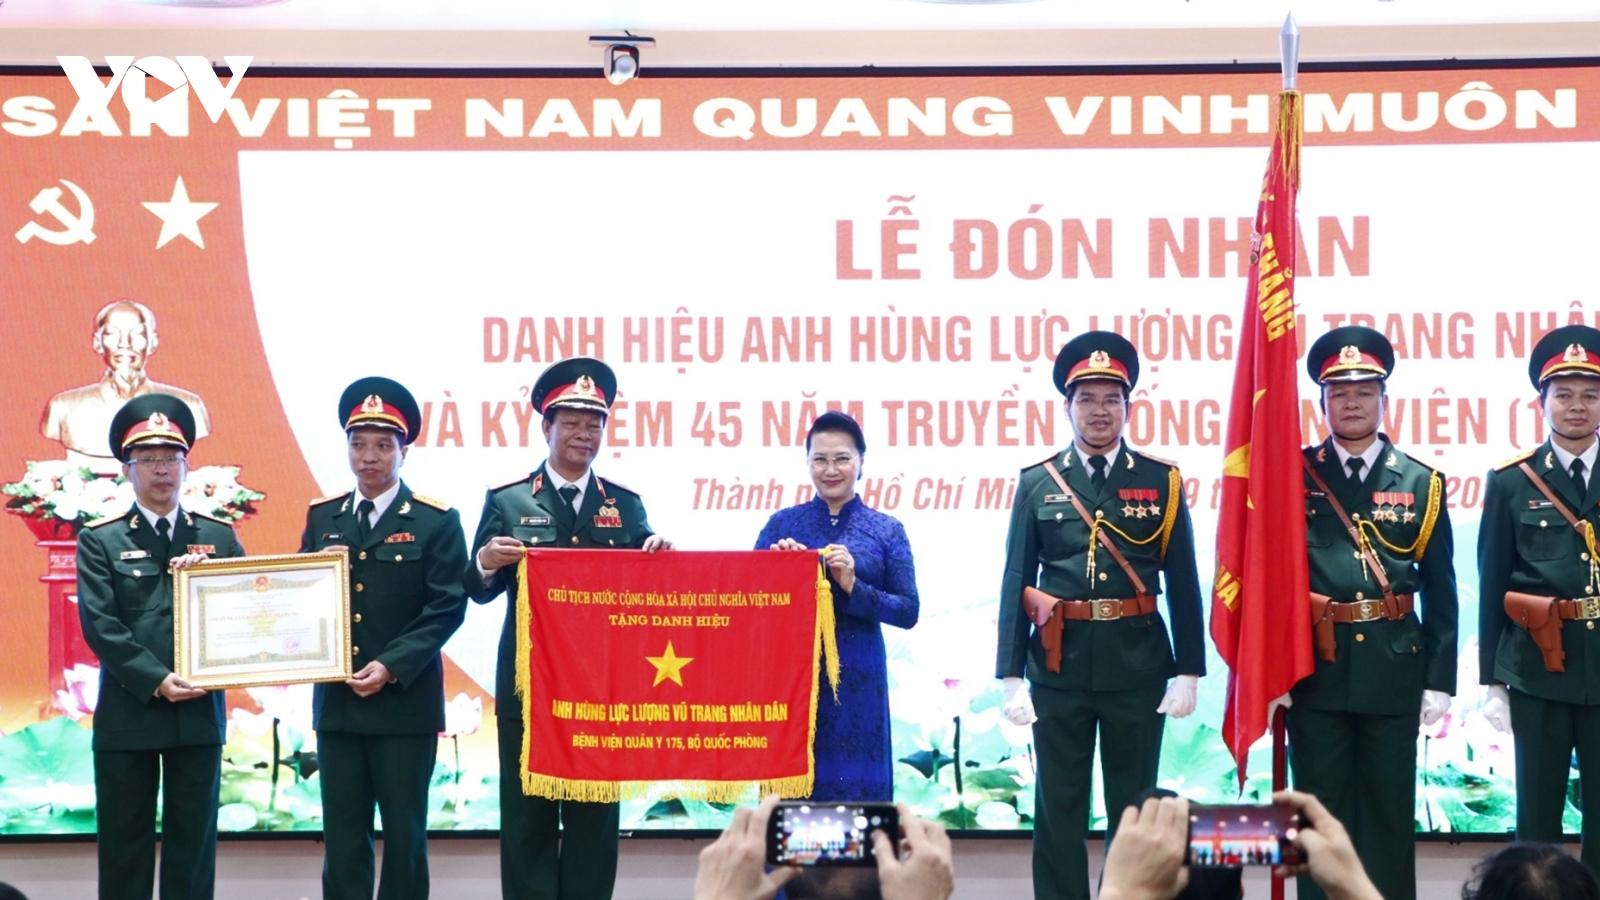 Chủ tịch Quốc hội dự Kỷ niệm 45 năm truyền thống bệnh viện Quân y 175